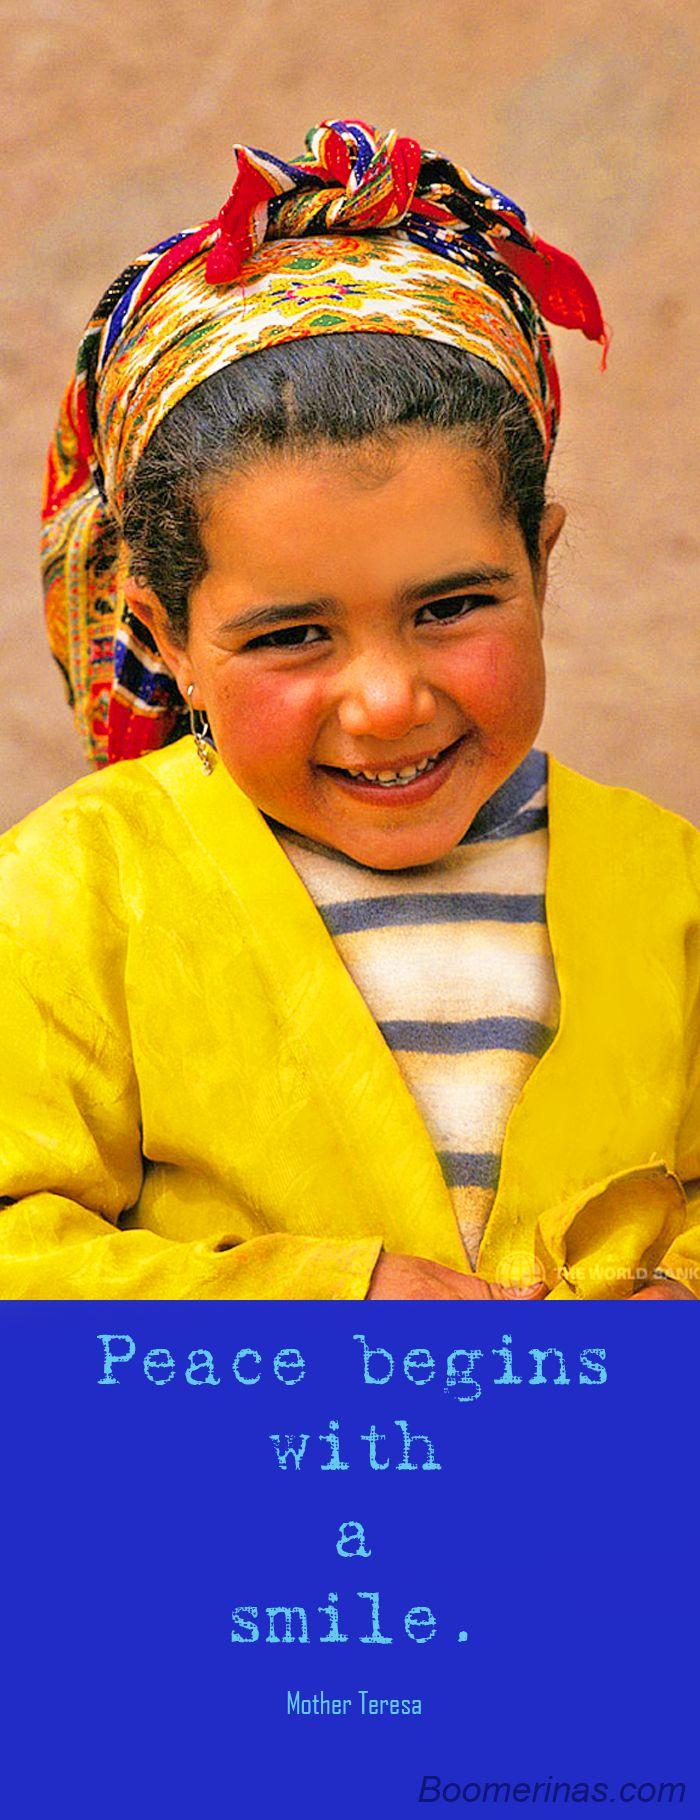 La pace inizia con un sorriso - immagine mondo bancario raccolta di foto su Flickr Creative Commons - bambina dal Marocco